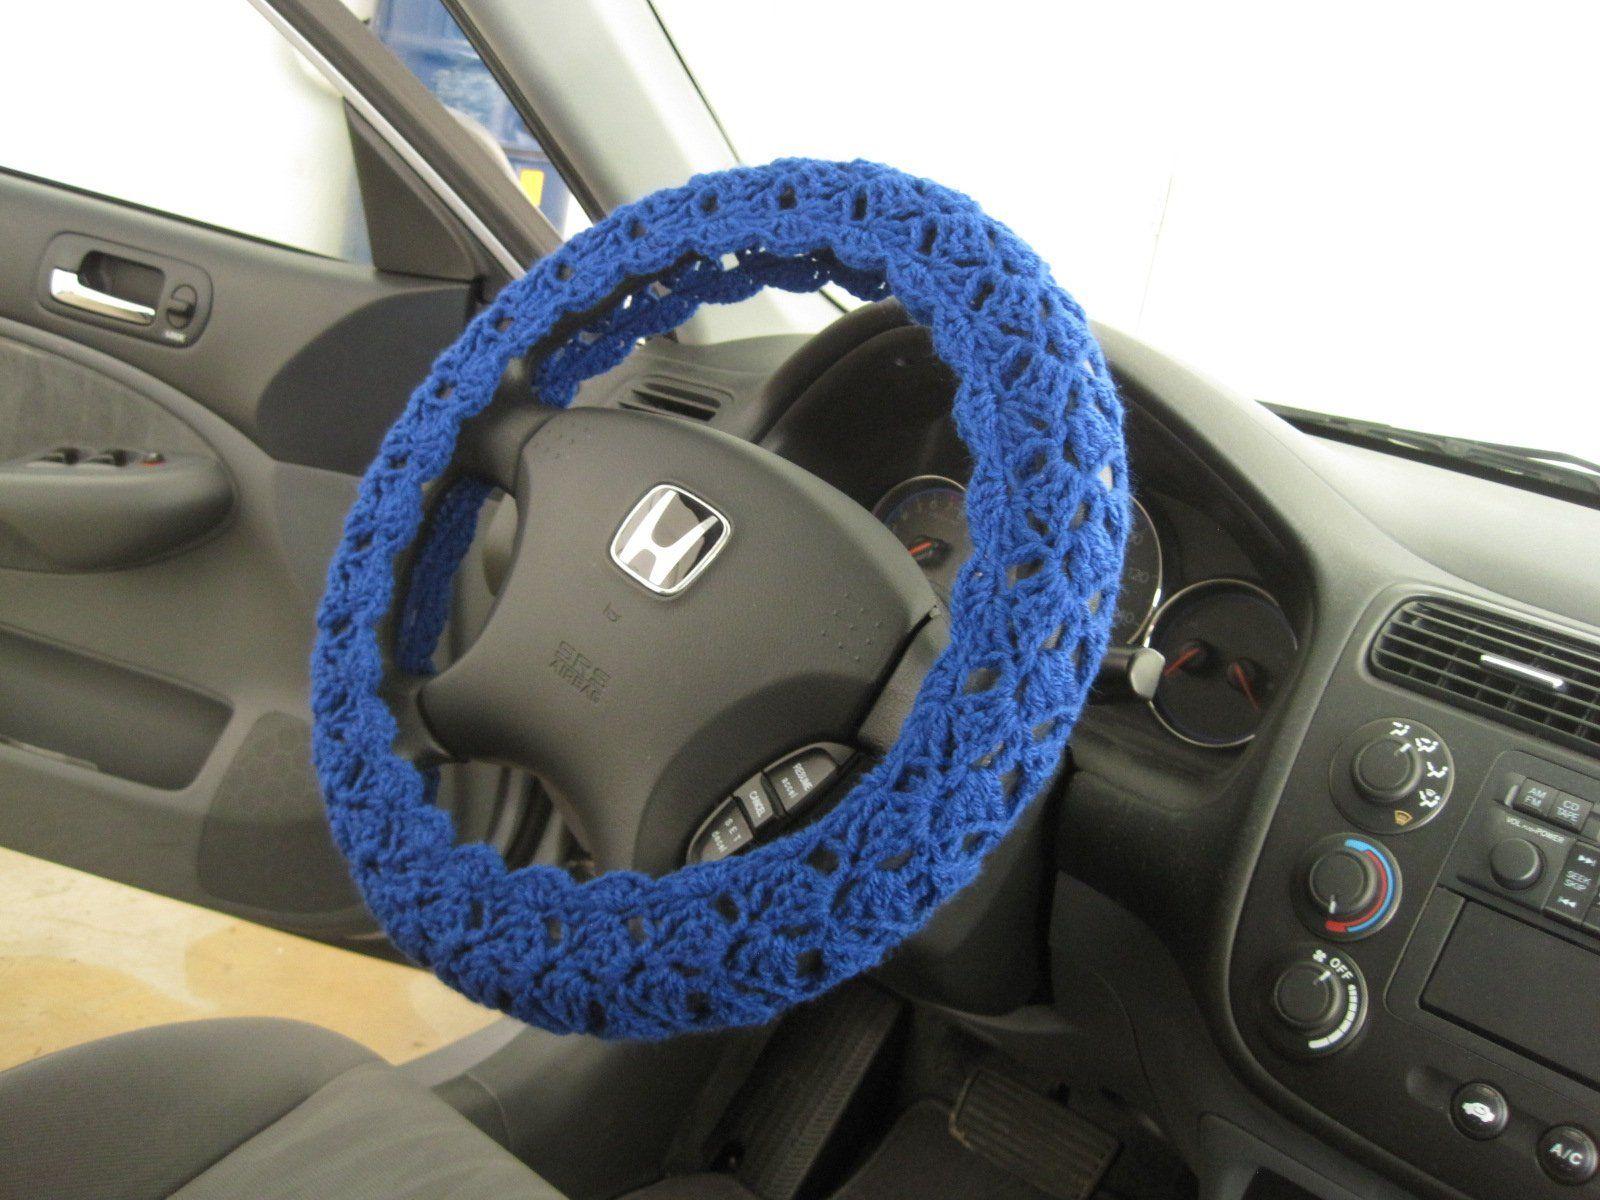 Crochet steering wheel cover steering wheel cover soft